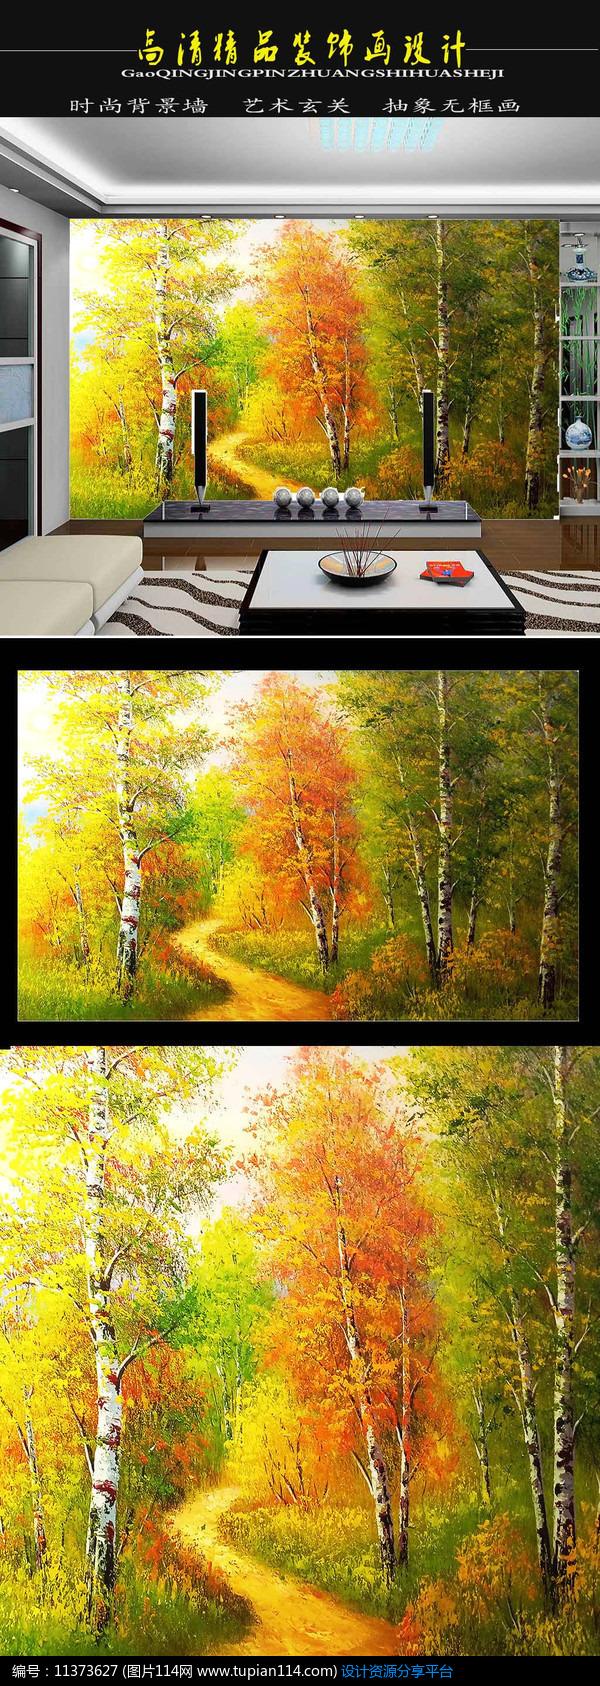 [原创] 高清油画森林小路电视背景墙装饰画